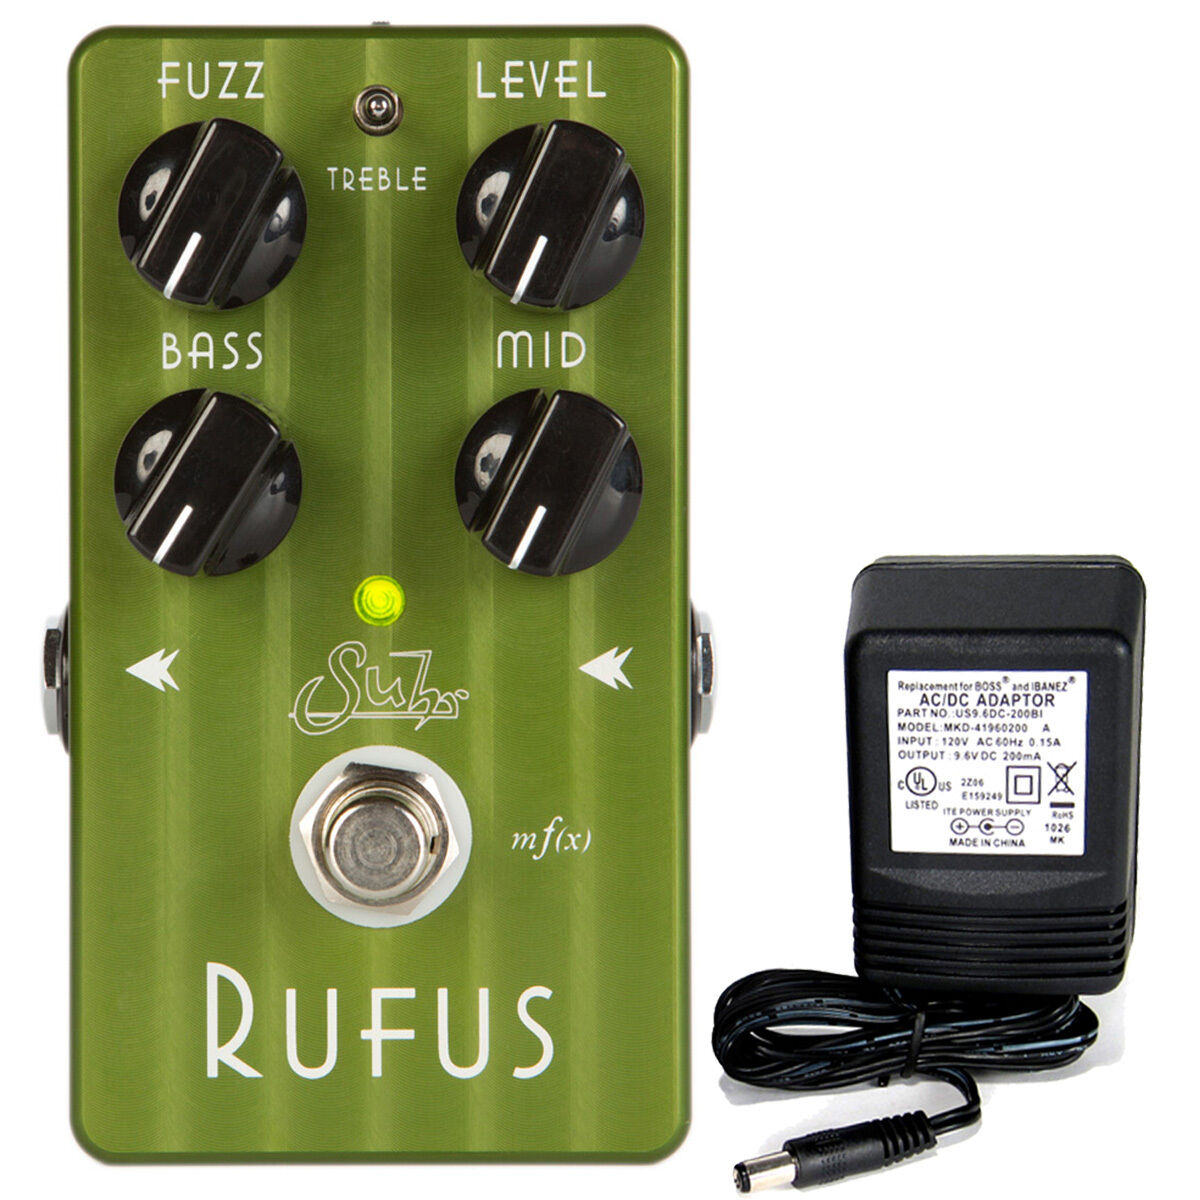 Suhr Rufus Fuzz Pedal con 9v fuente fuente fuente de alimentación  envío Gratuito   hasta 60% de descuento